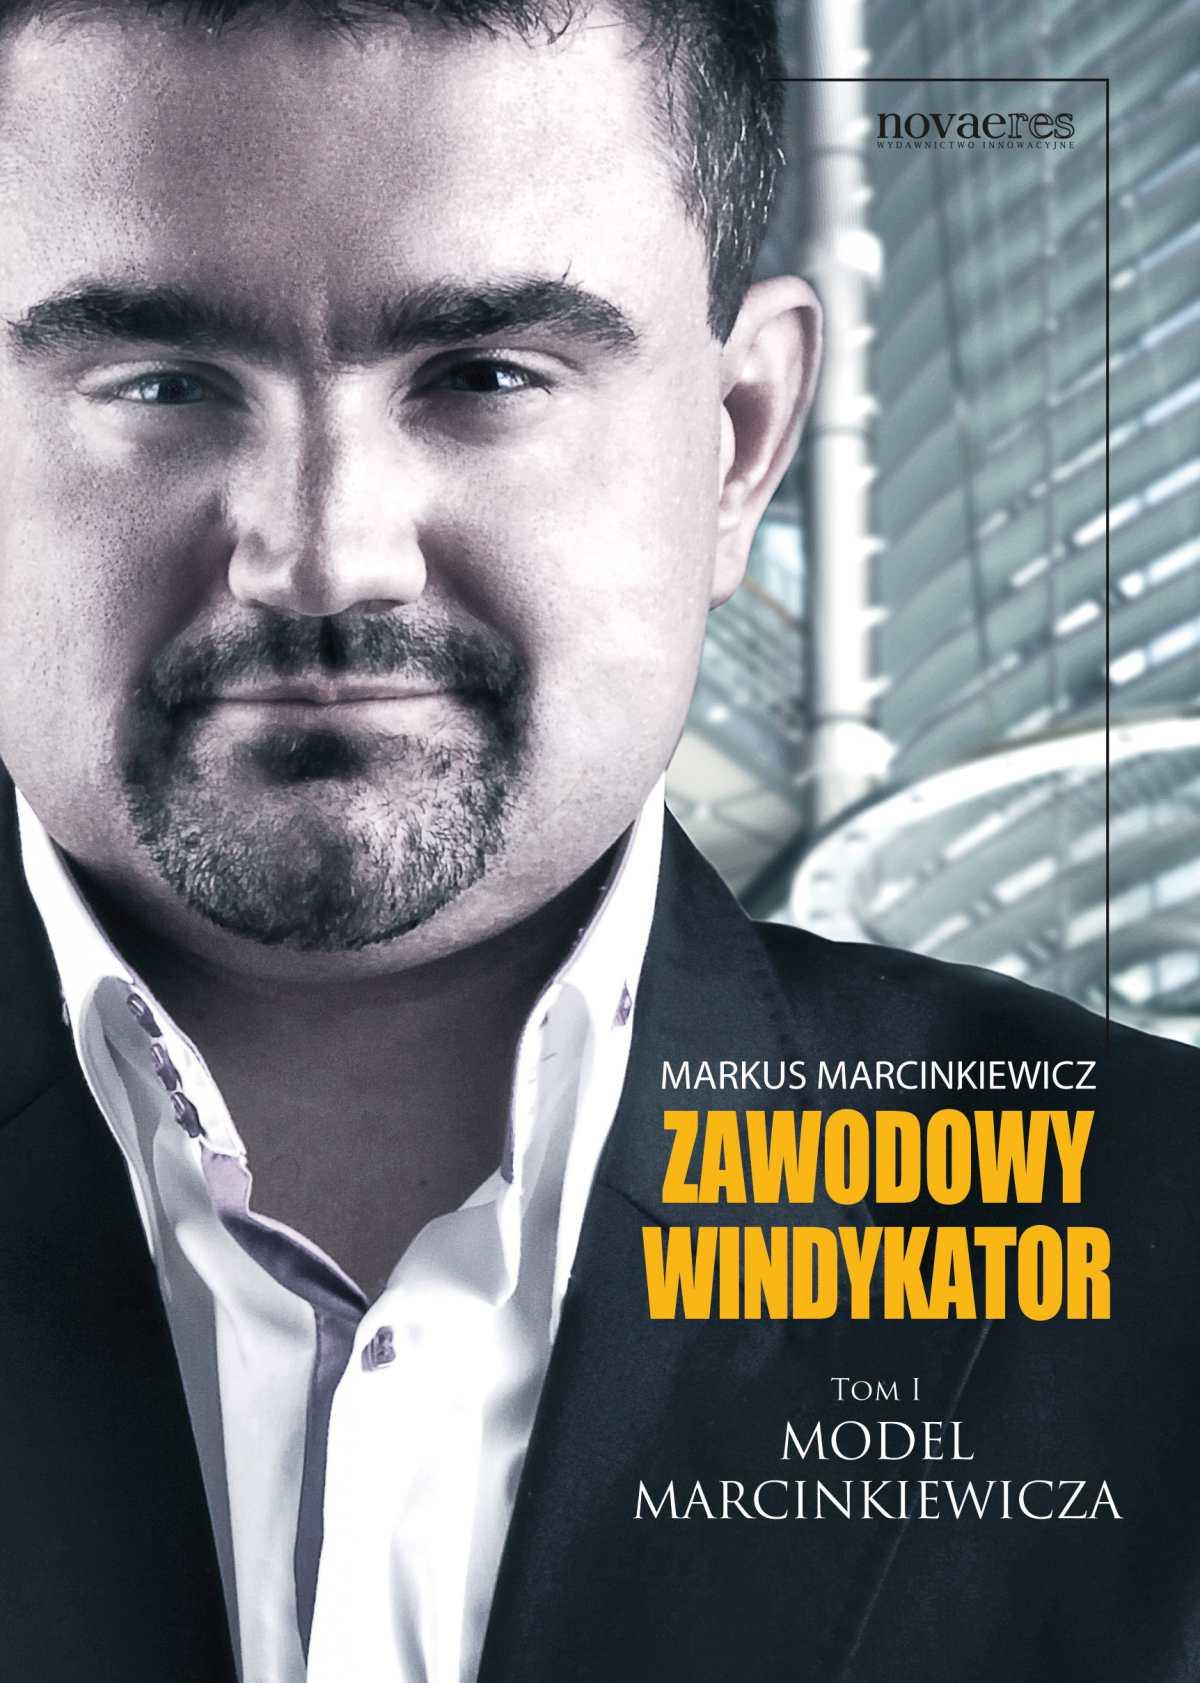 Zawodowy windykator. Tom I. Model Marcinkiewicza - Ebook (Książka EPUB) do pobrania w formacie EPUB